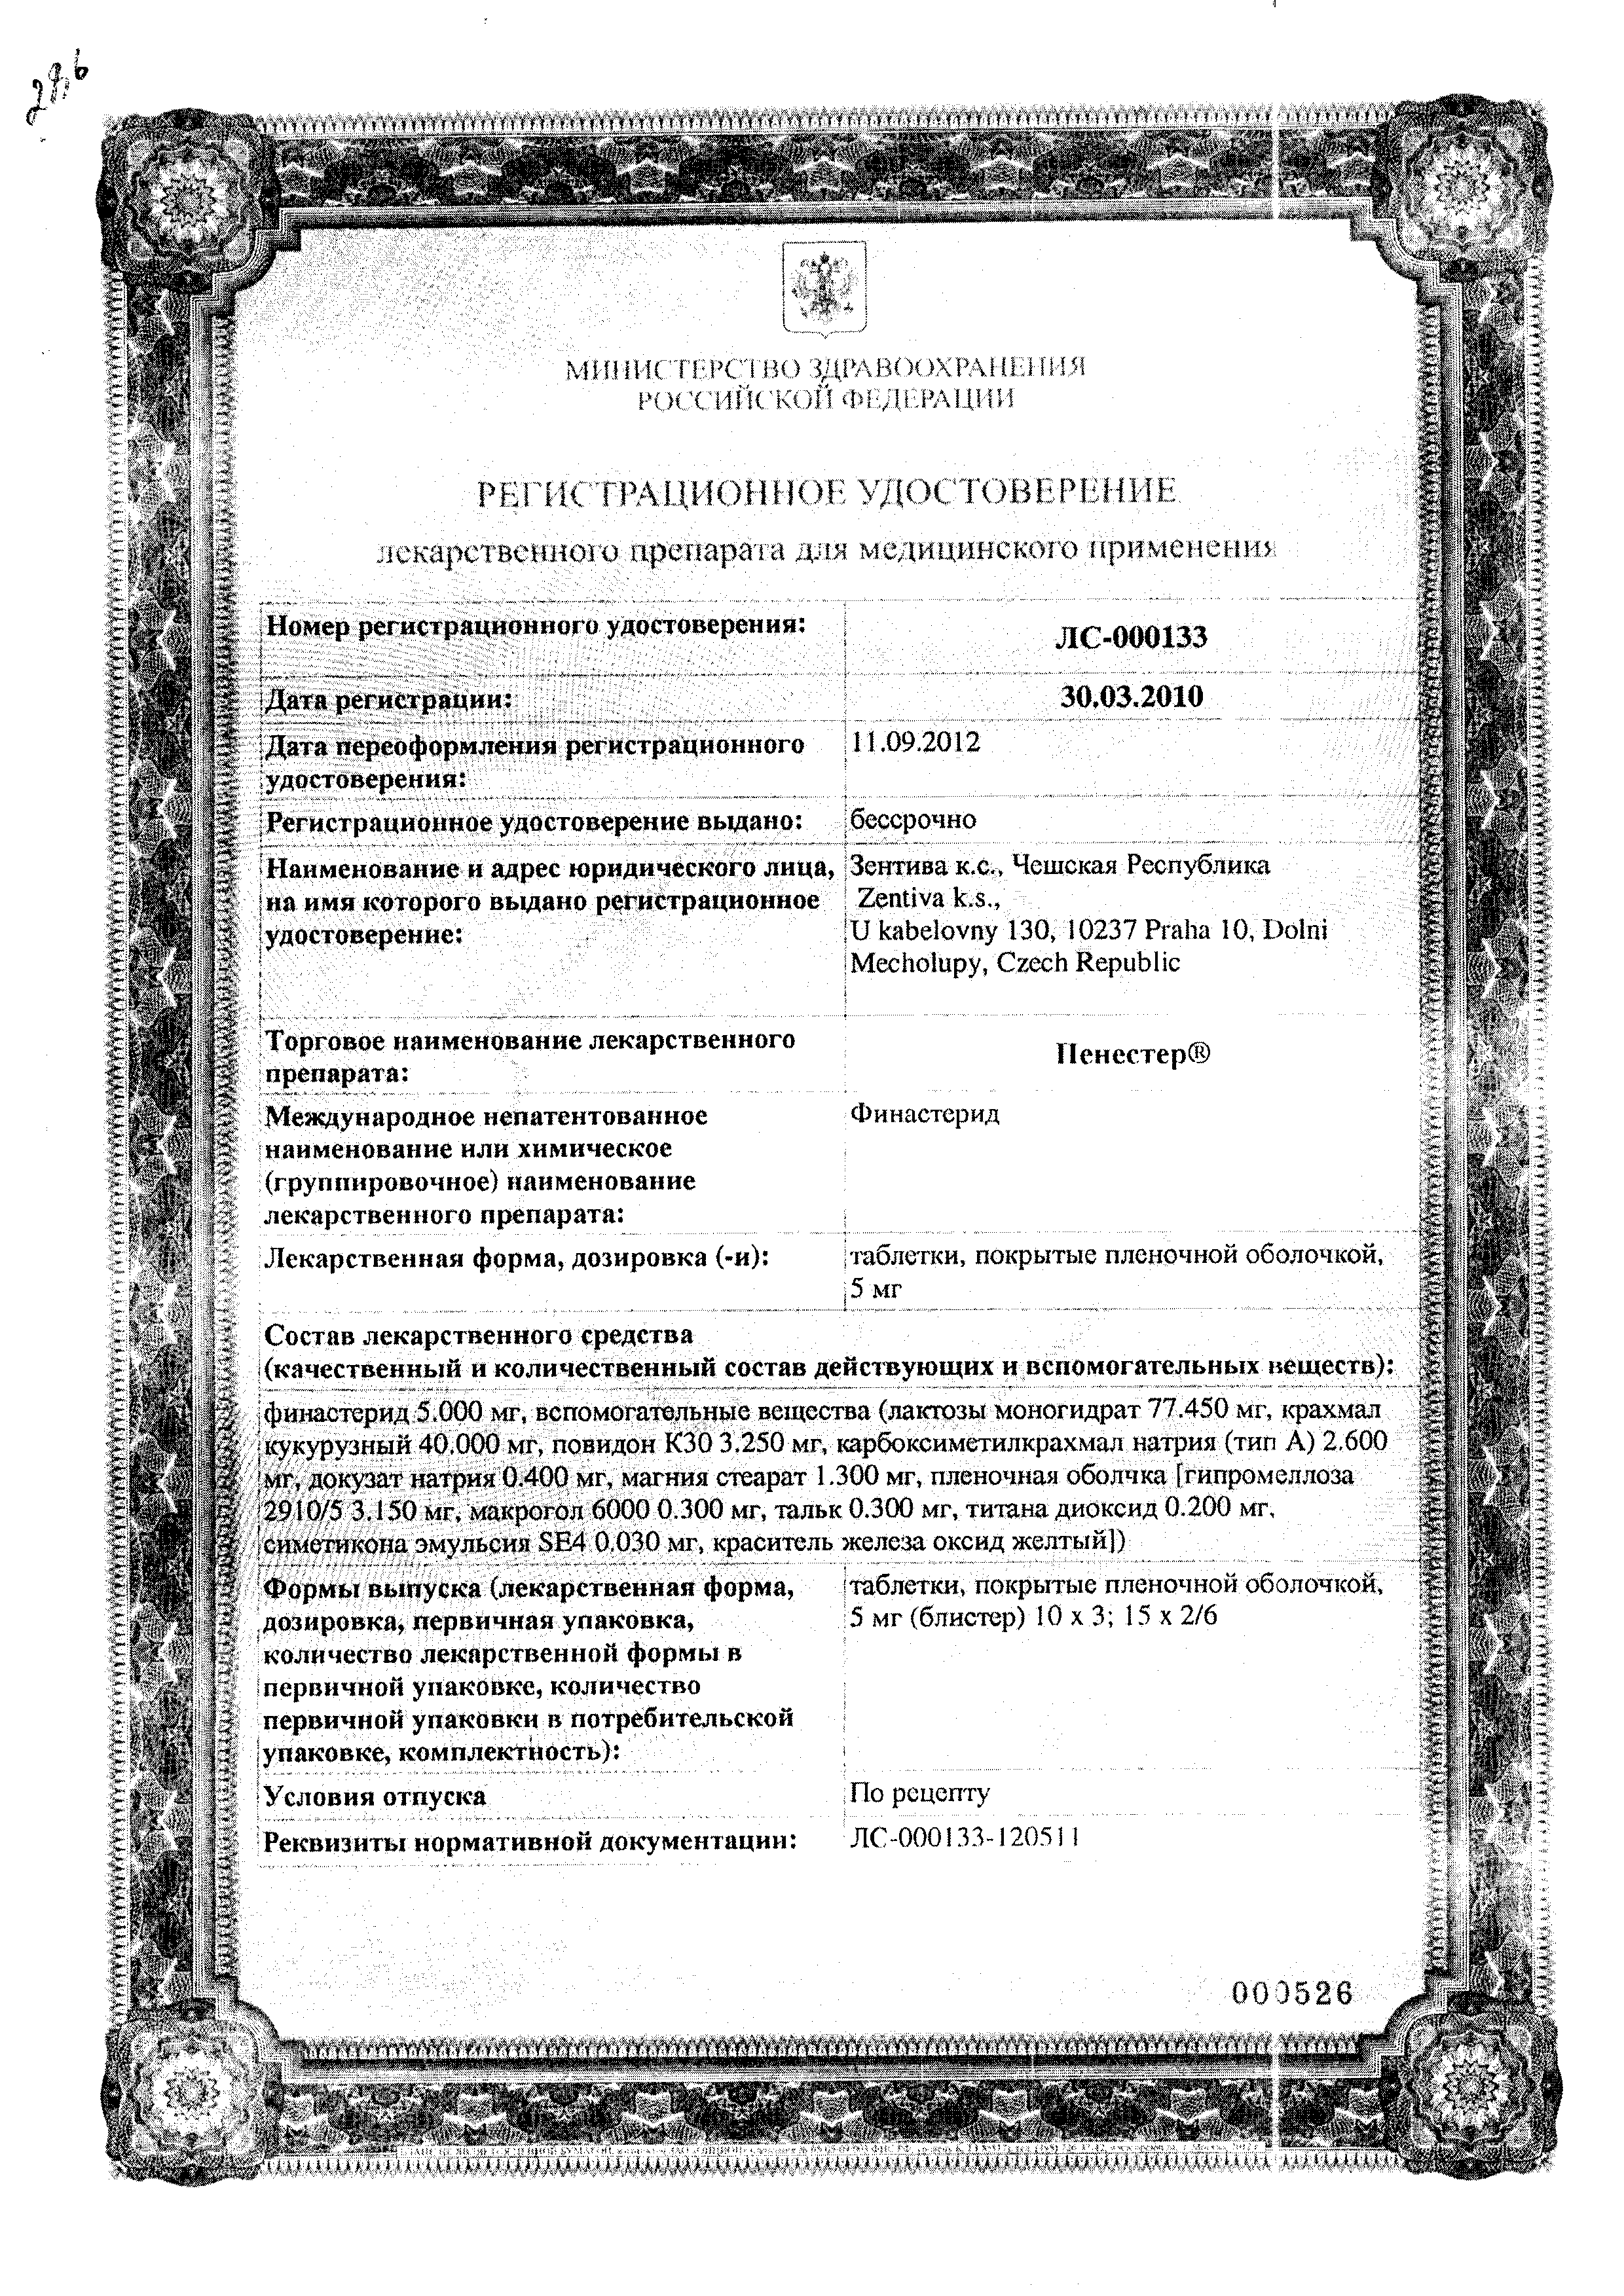 Пенестер сертификат